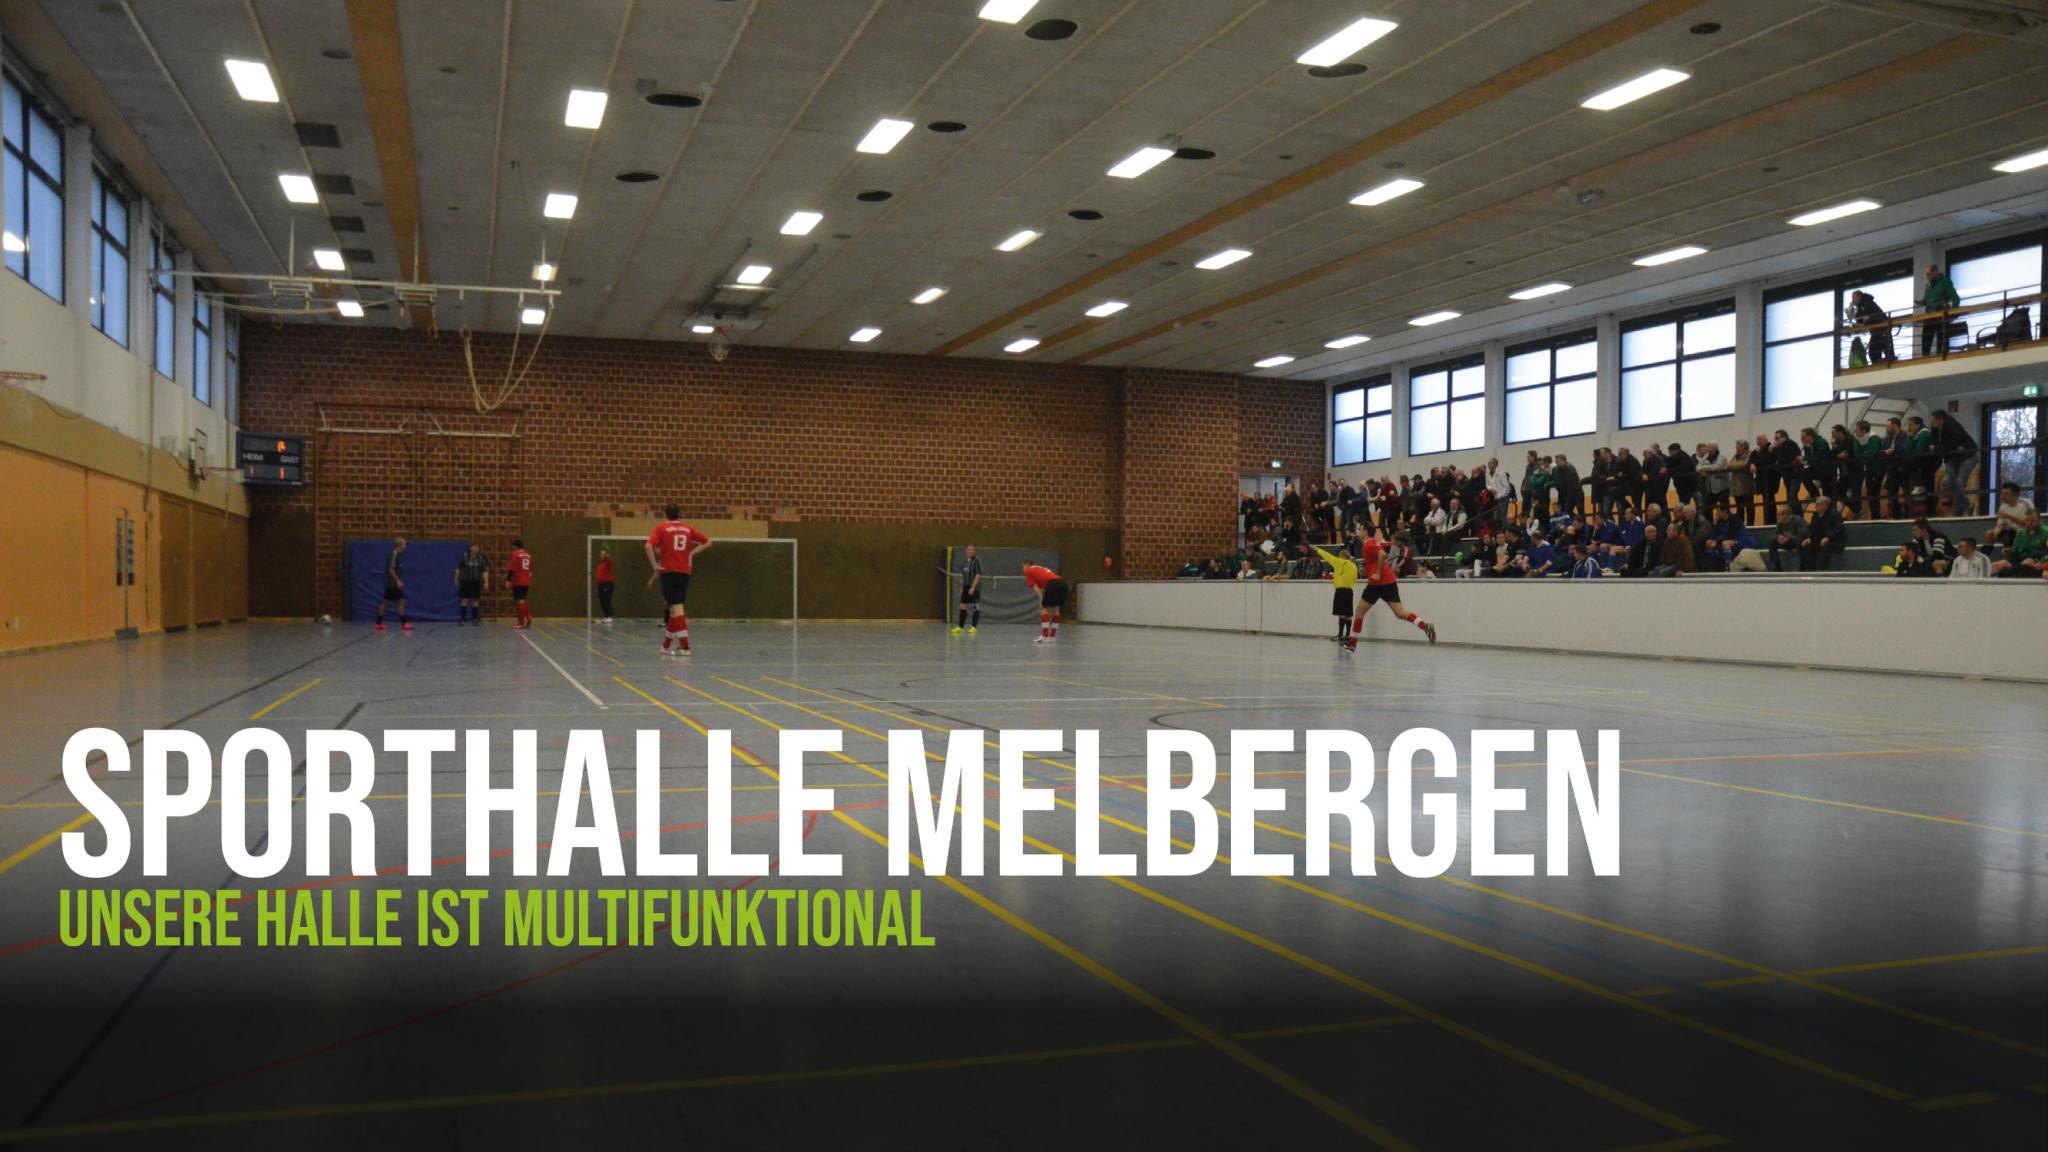 Die Sporthalle Melbergen in Löhne-Gohfeld von innen, respektive mit Blick auf das Spielfeld und im Hintergrund die Tribüne.